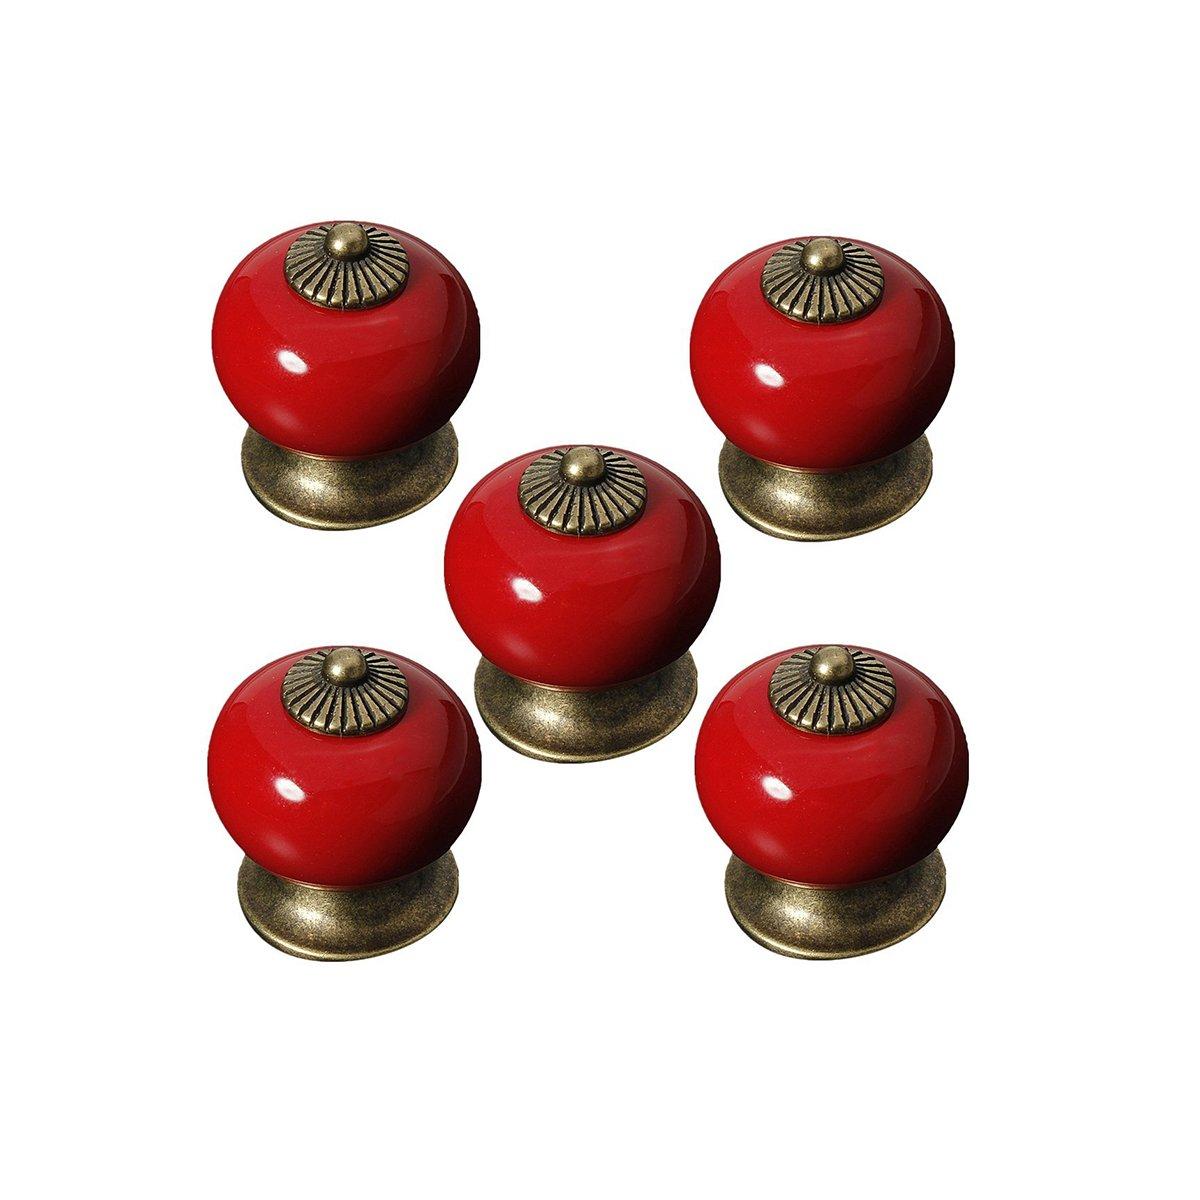 Oulii Lot de 5 poigné es de tiroir/porte/armoire rondes en cé ramiques Rouge